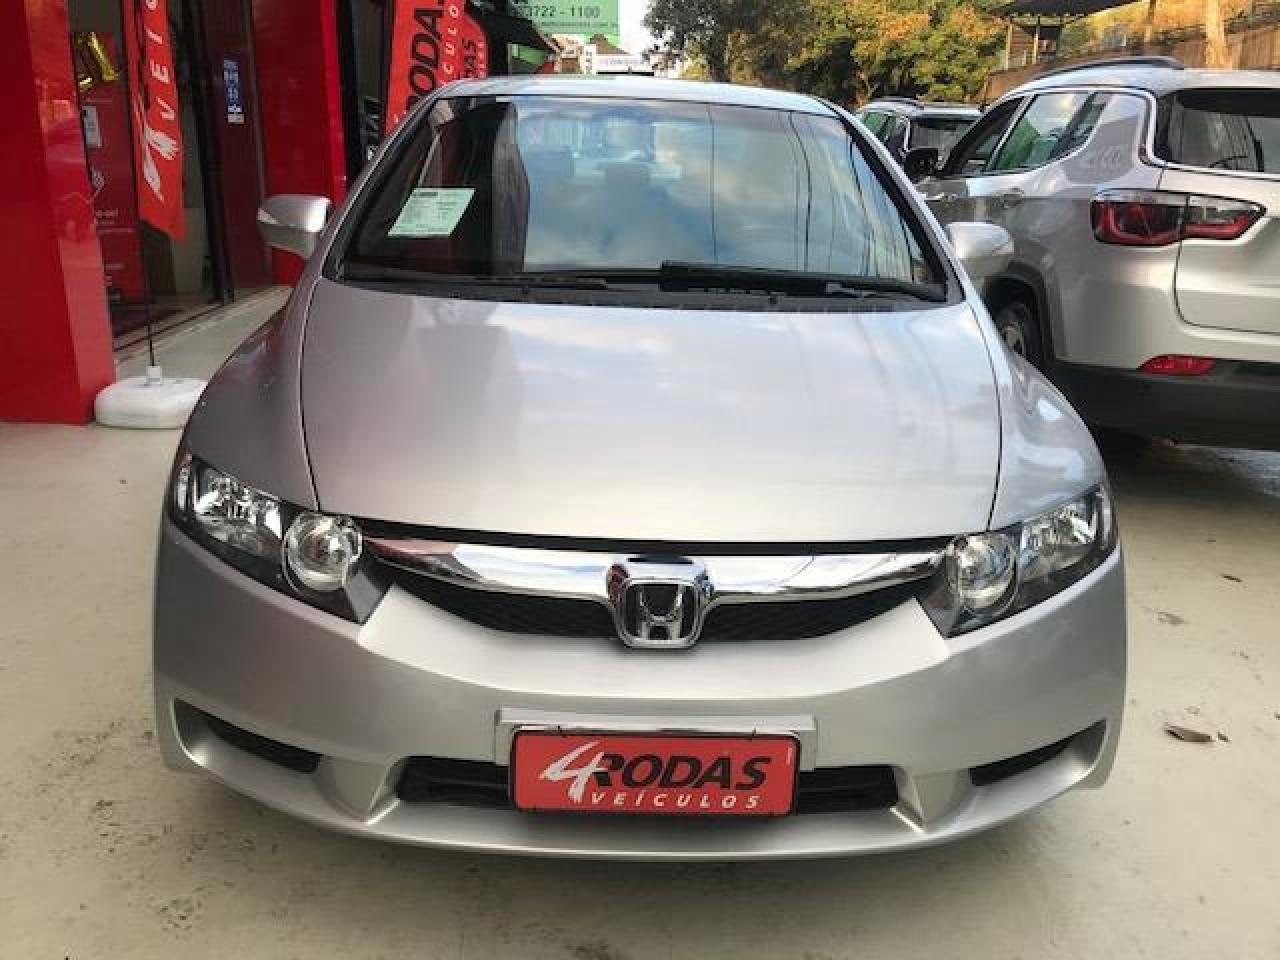 HONDA Civic 1.8 16V 4P FLEX LXL SE AUTOMÁTICO, Foto 3